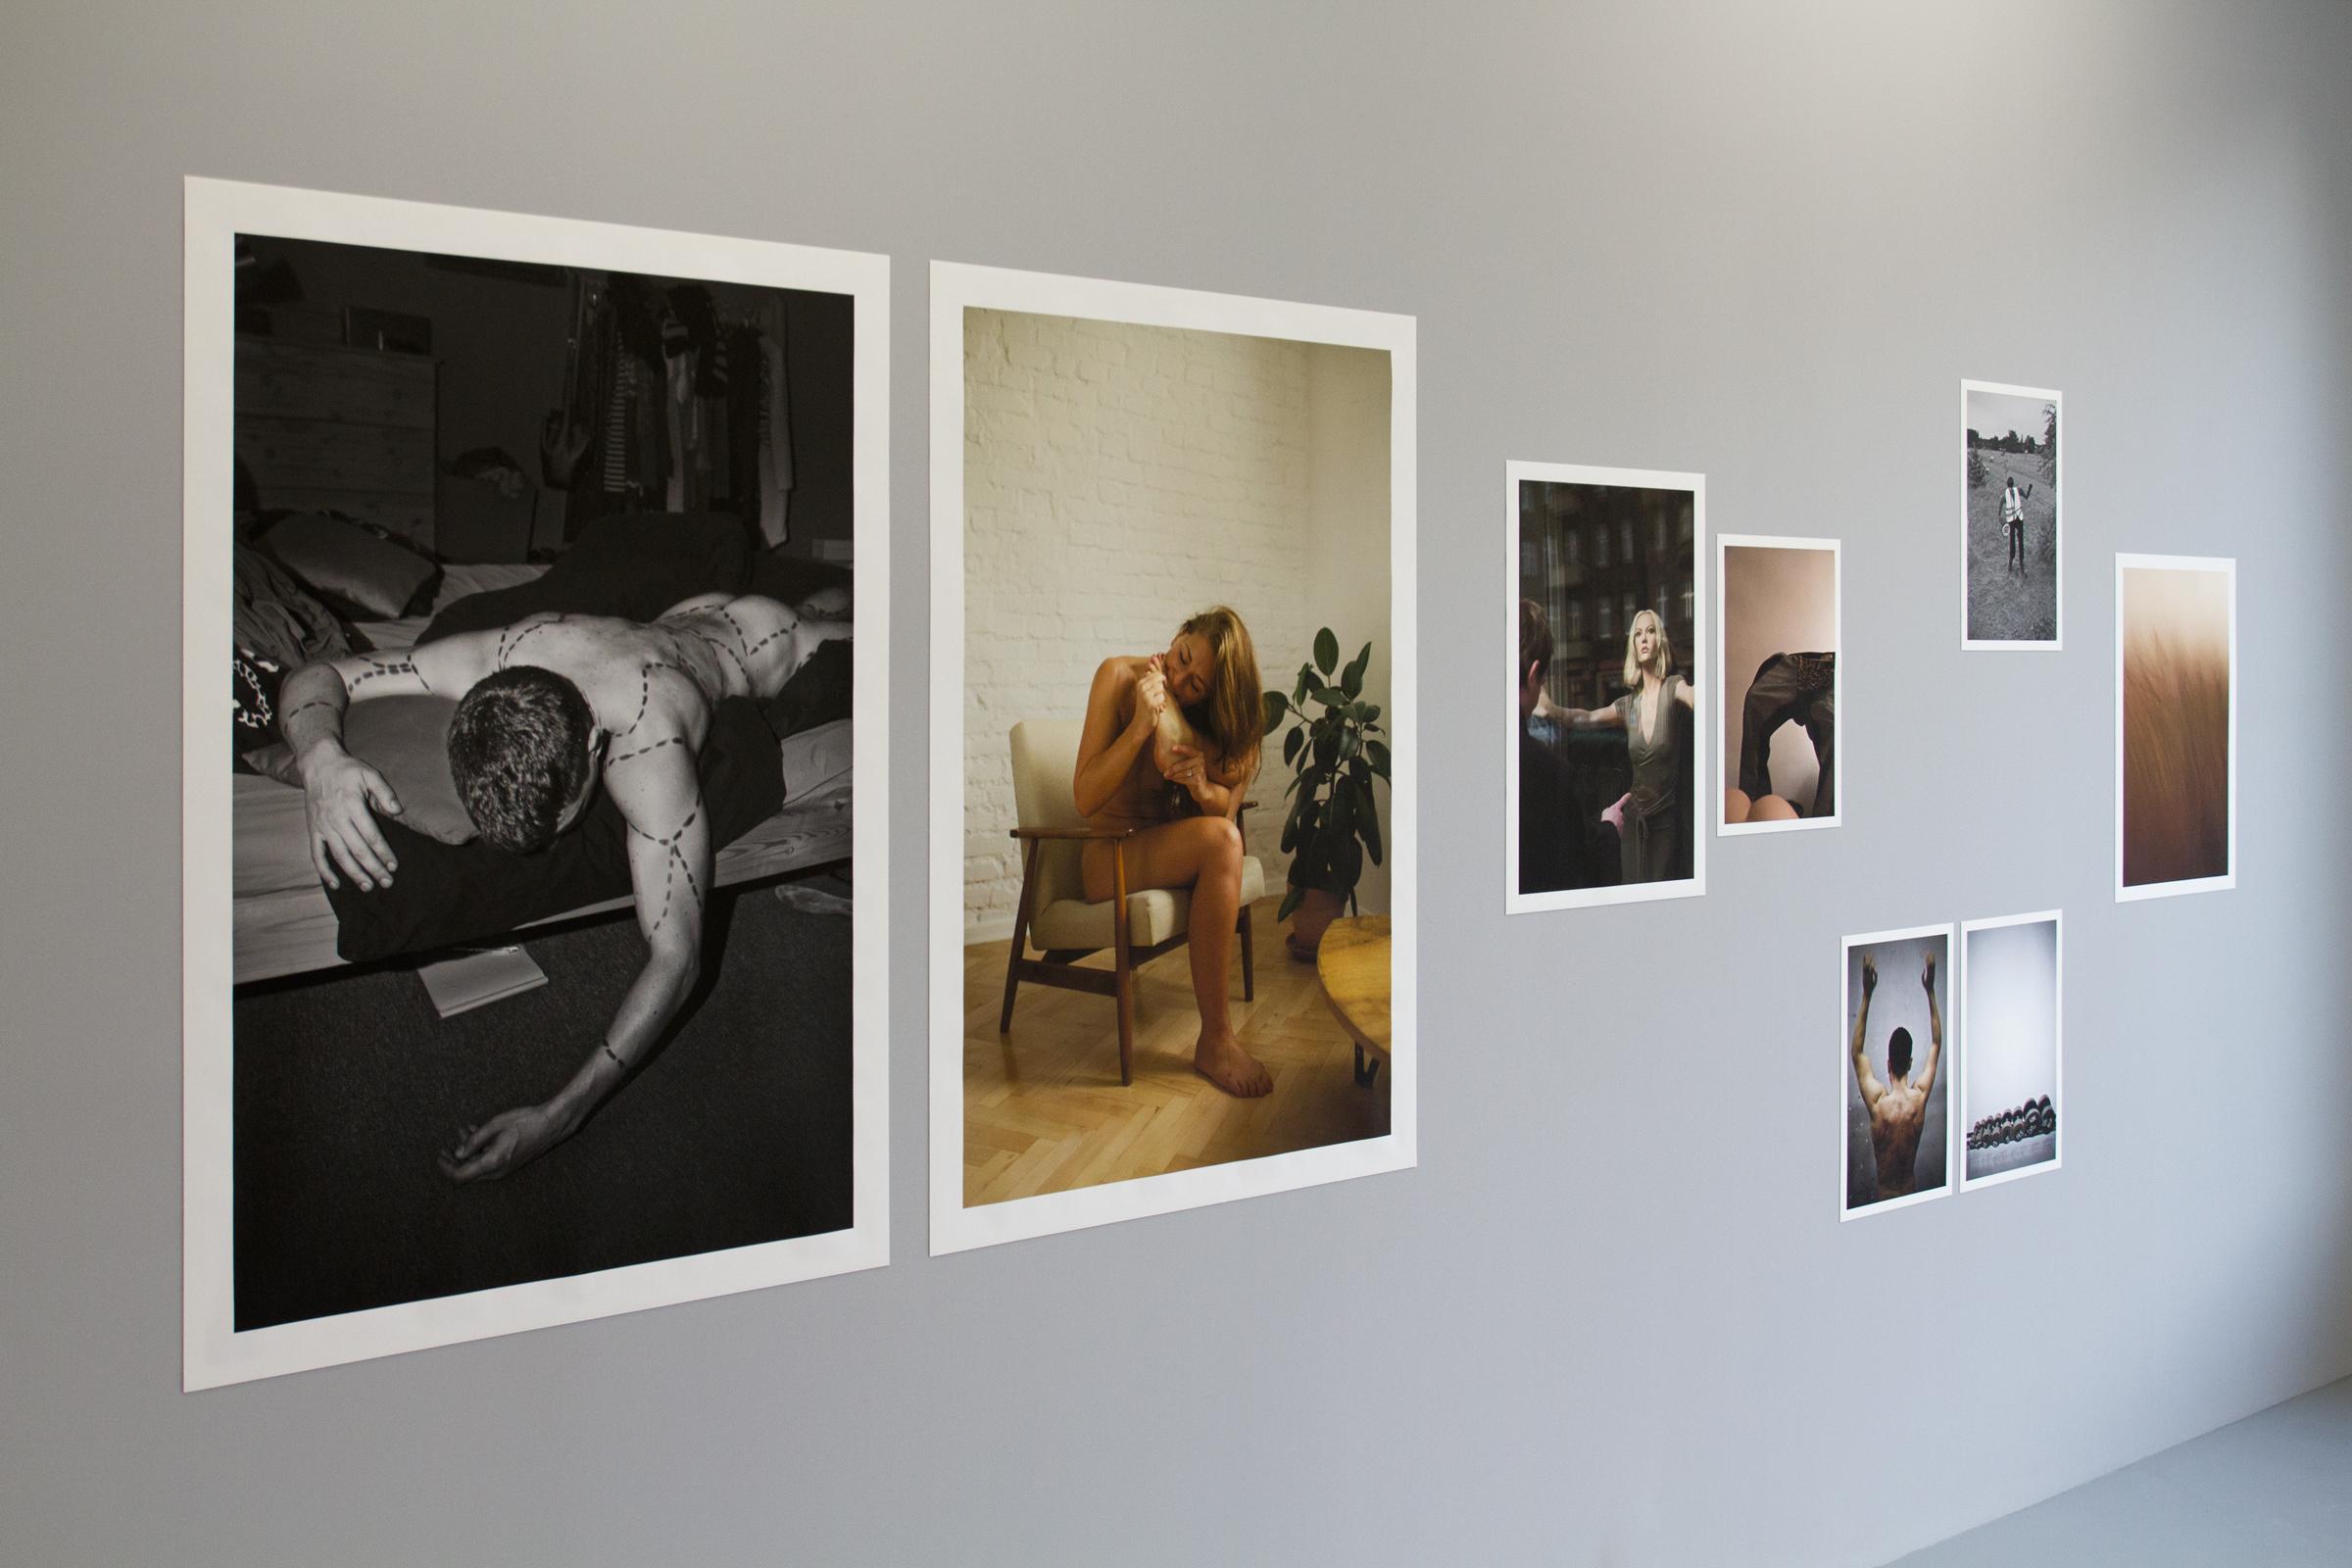 Jakub Jasiukiewicz, Tarcie igrawitacja, Rodríguez Gallery